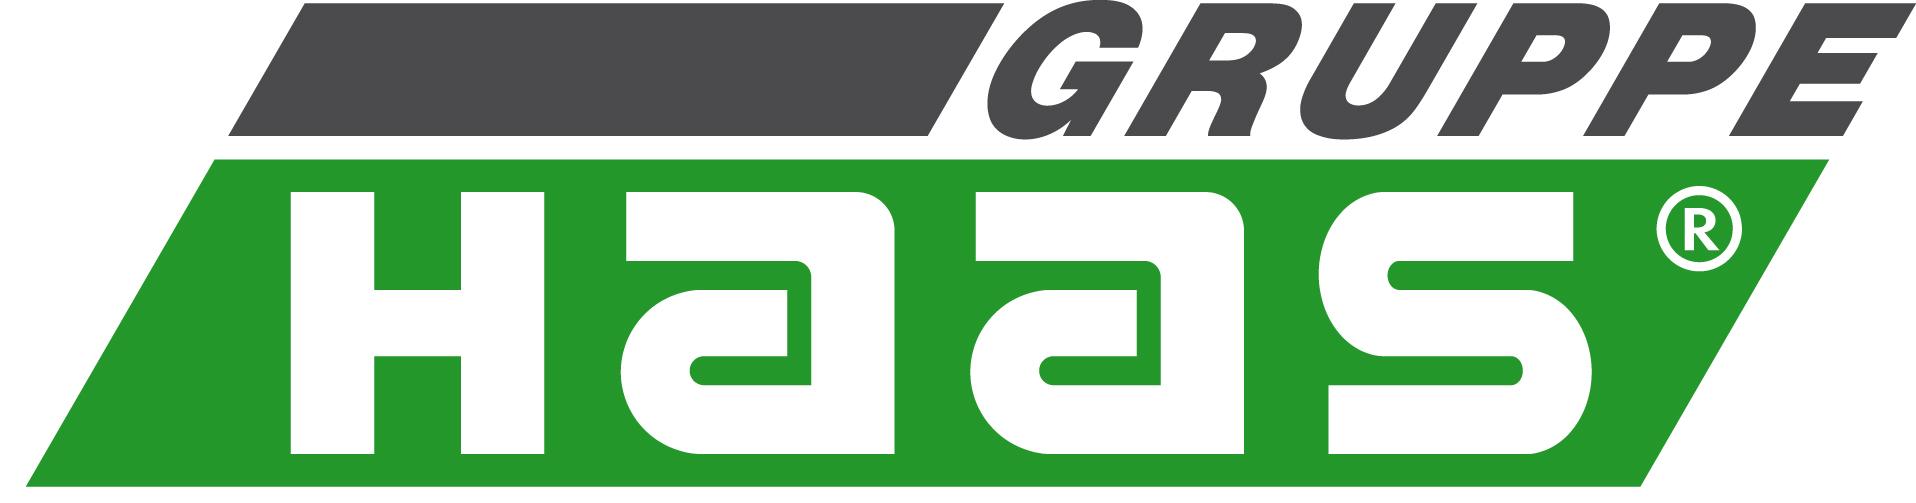 Haas GmbH & Co. KG